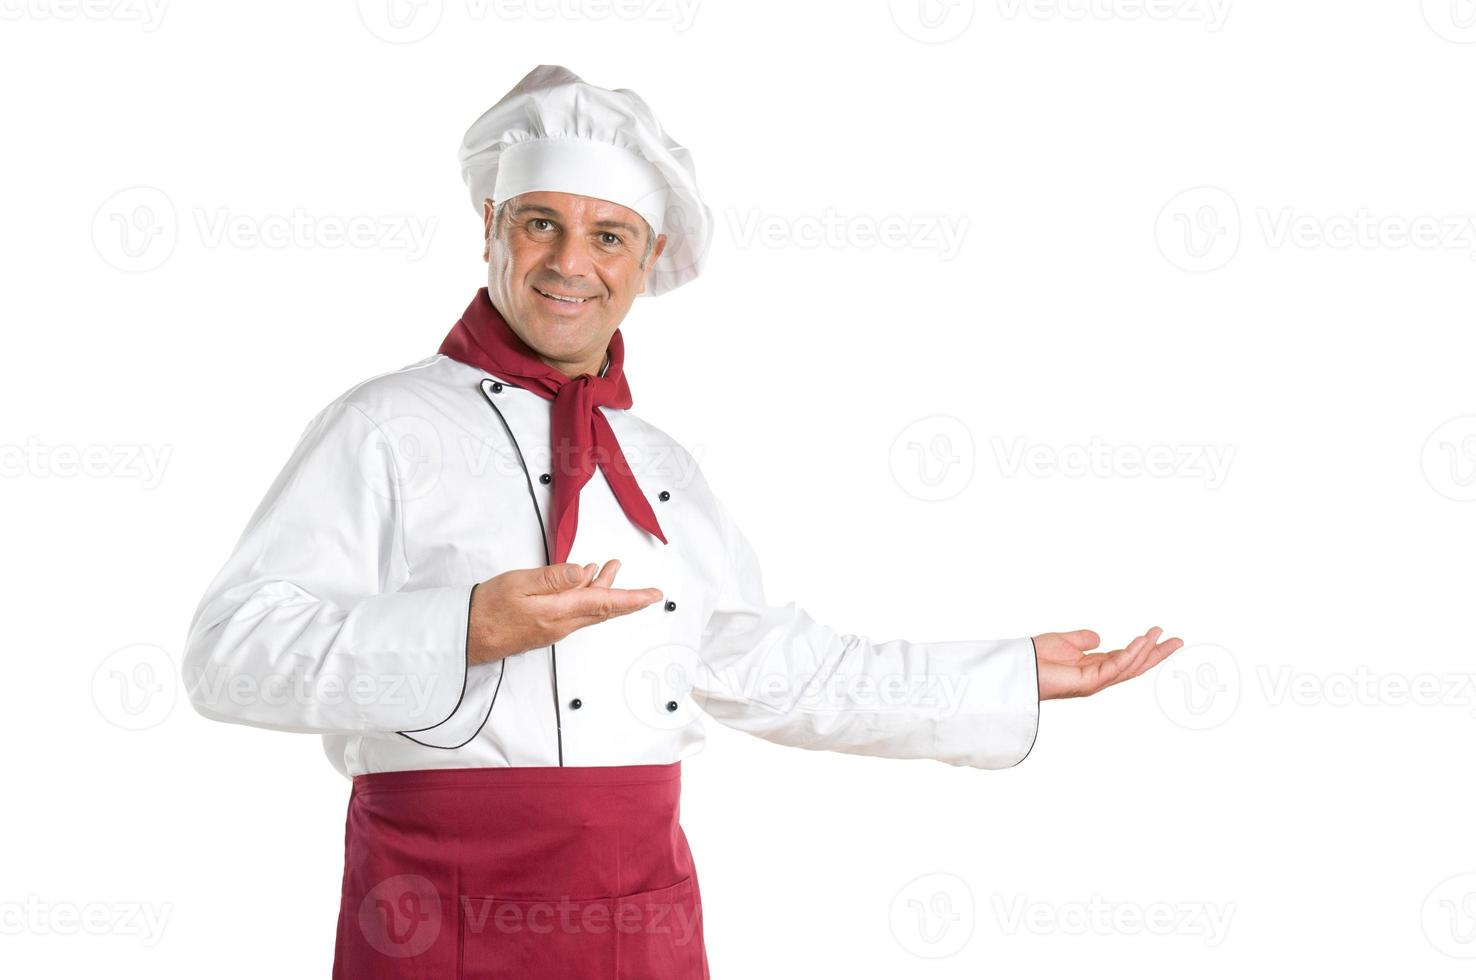 reifer Koch zeigt foto